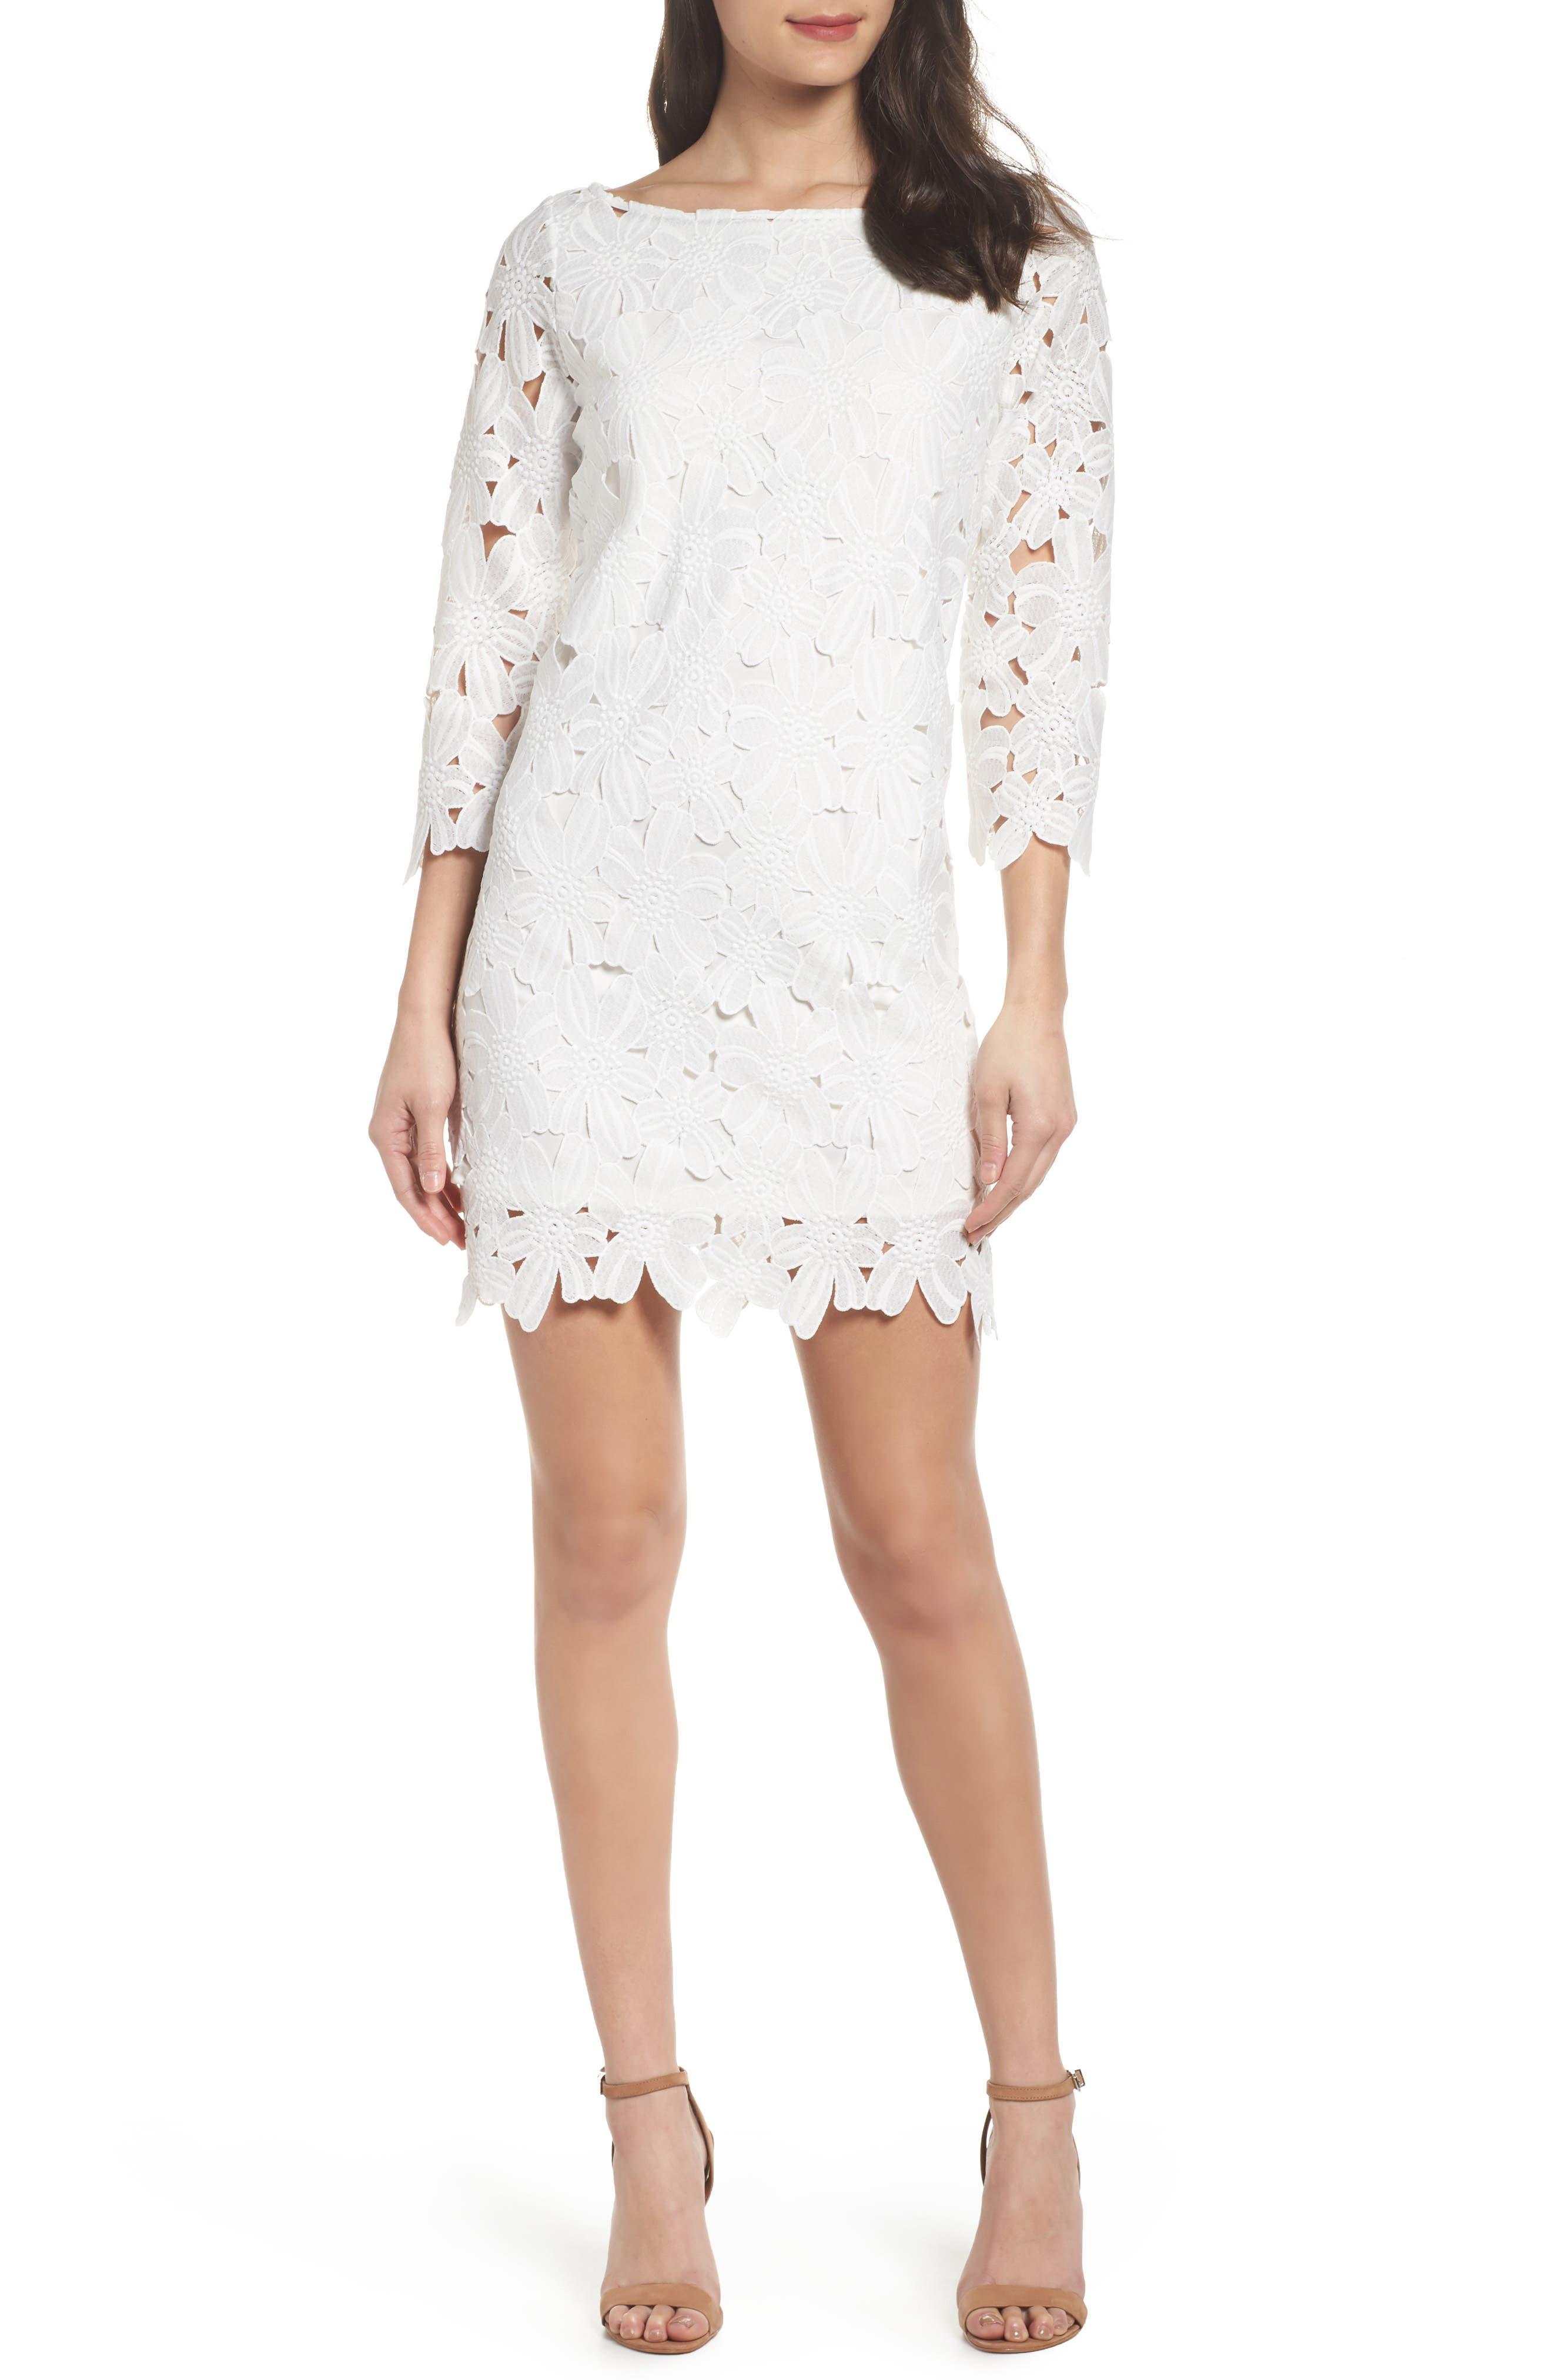 Belza Floral Lace Shift Dress,                             Main thumbnail 1, color,                             100